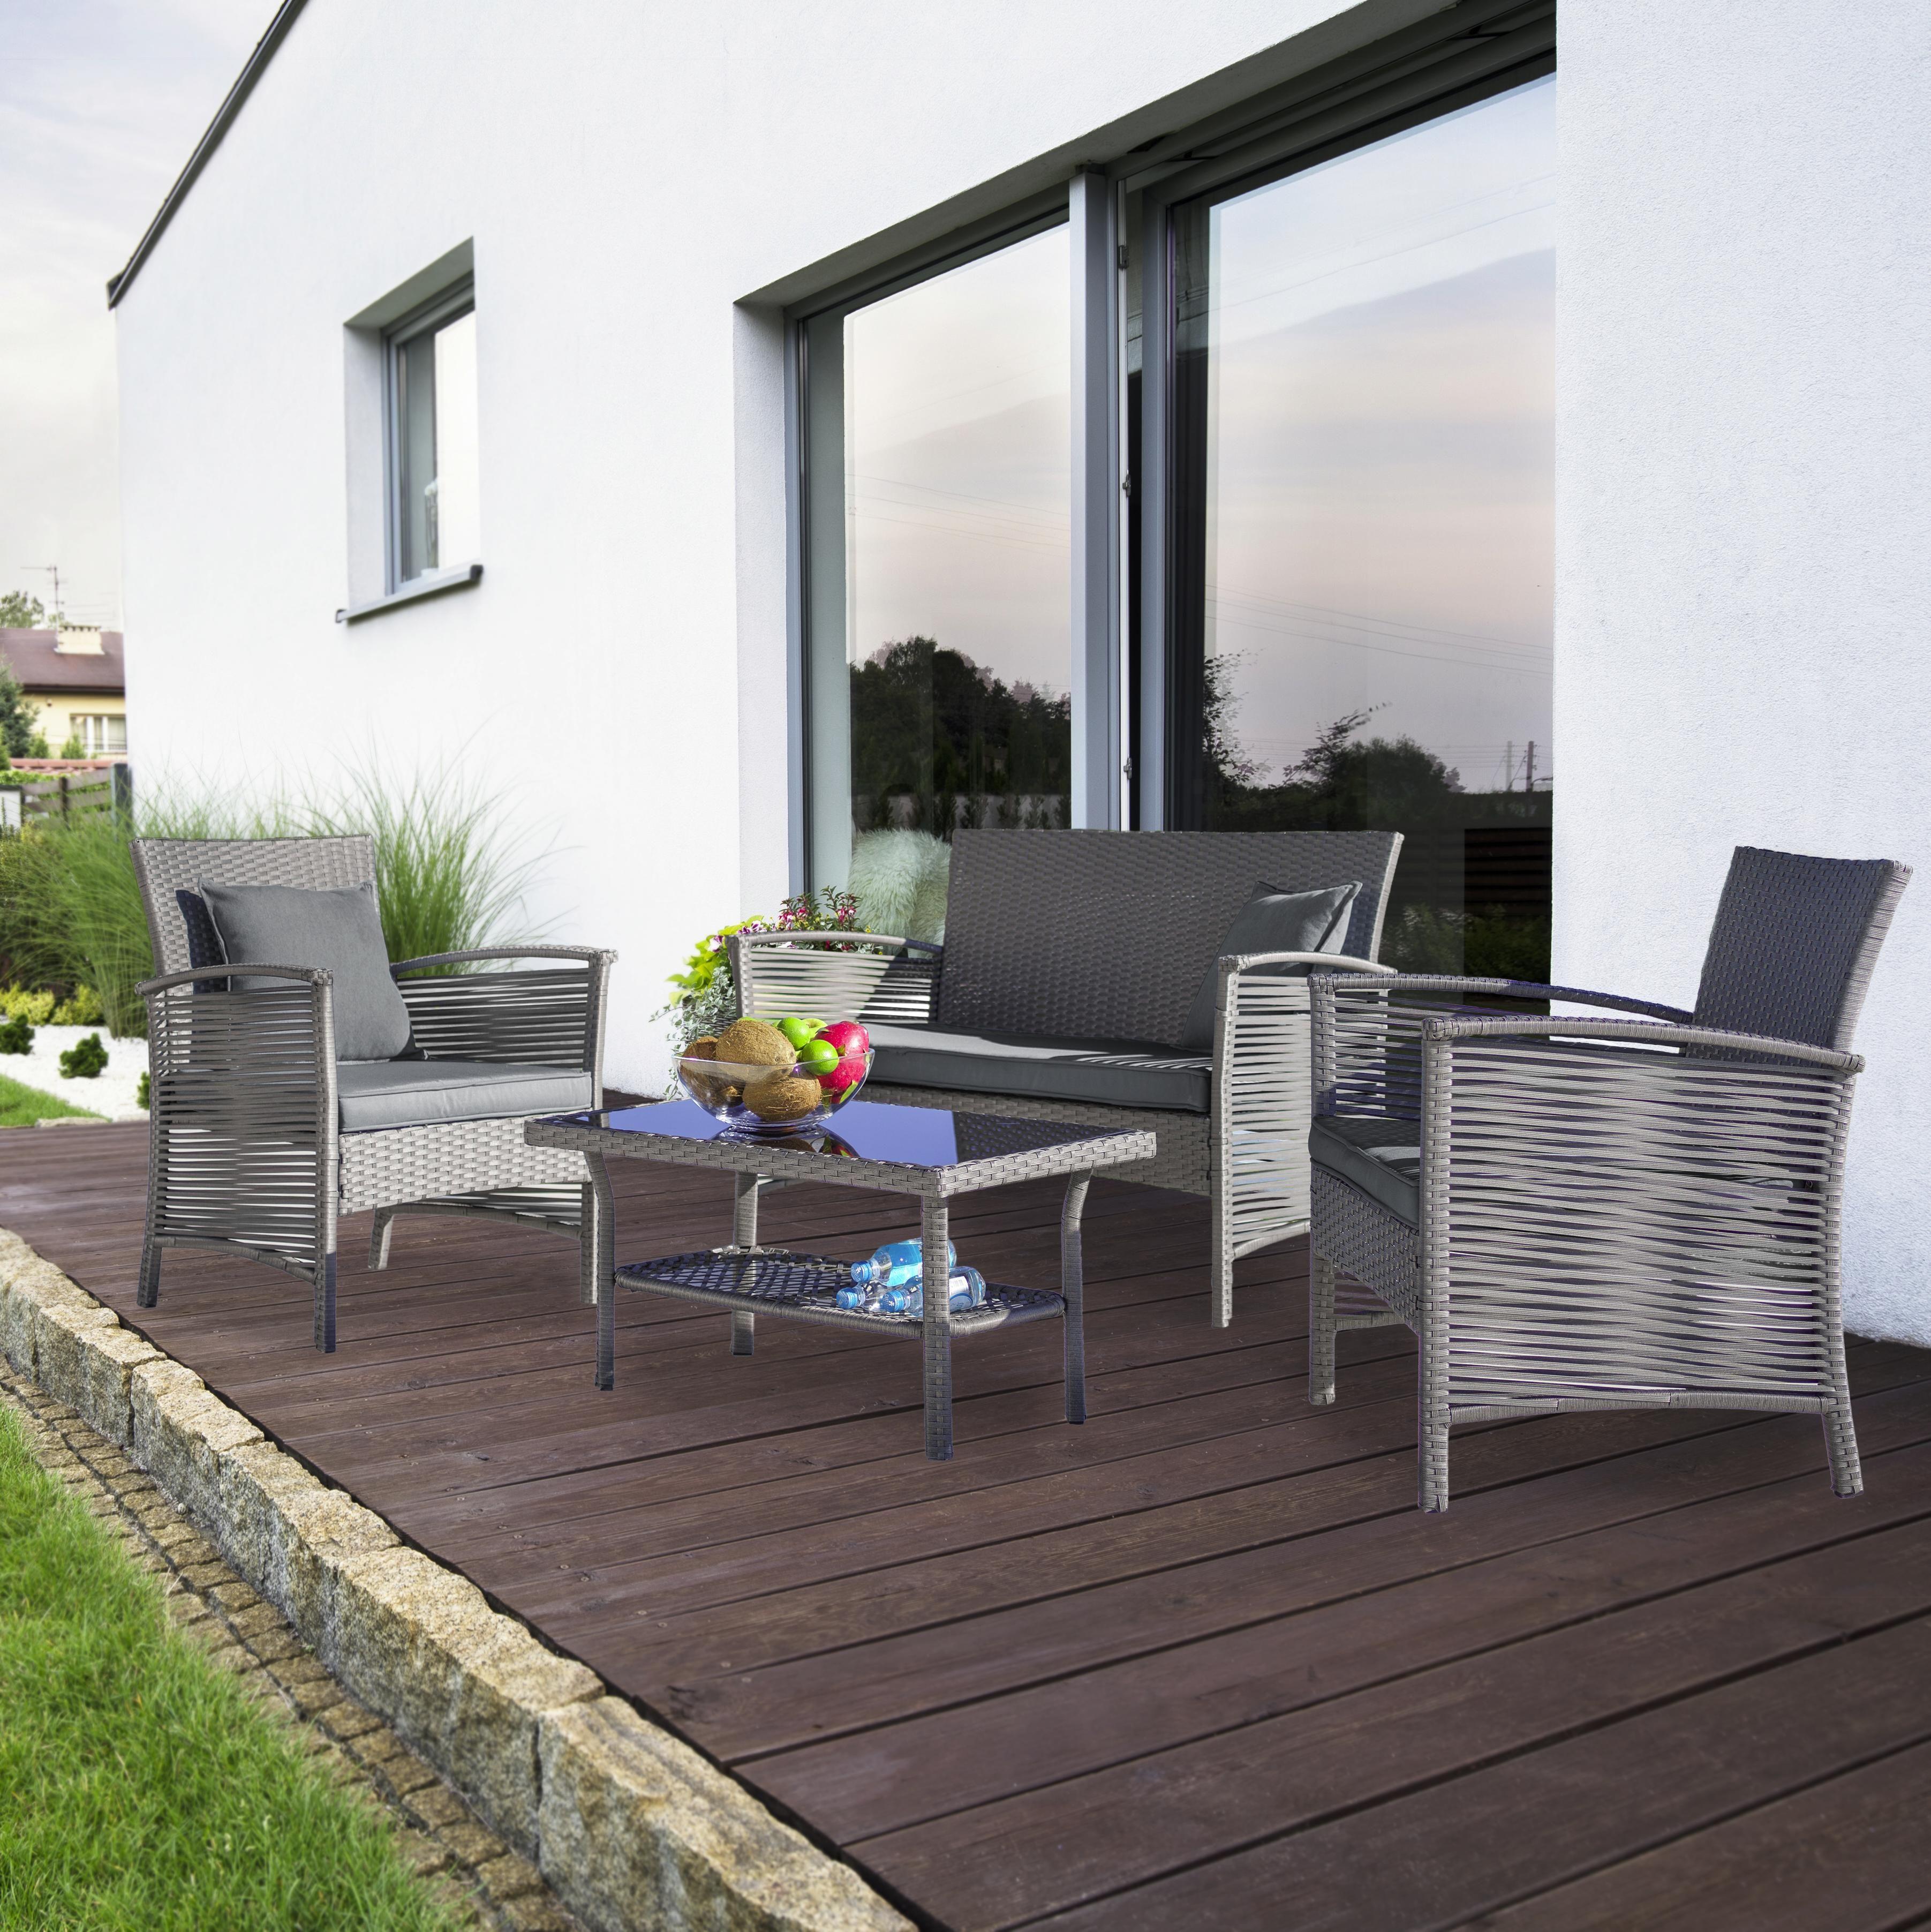 Loungegarnitur Julie 7-teilig - Grau, MODERN, Kunststoff/Textil - Modern Living